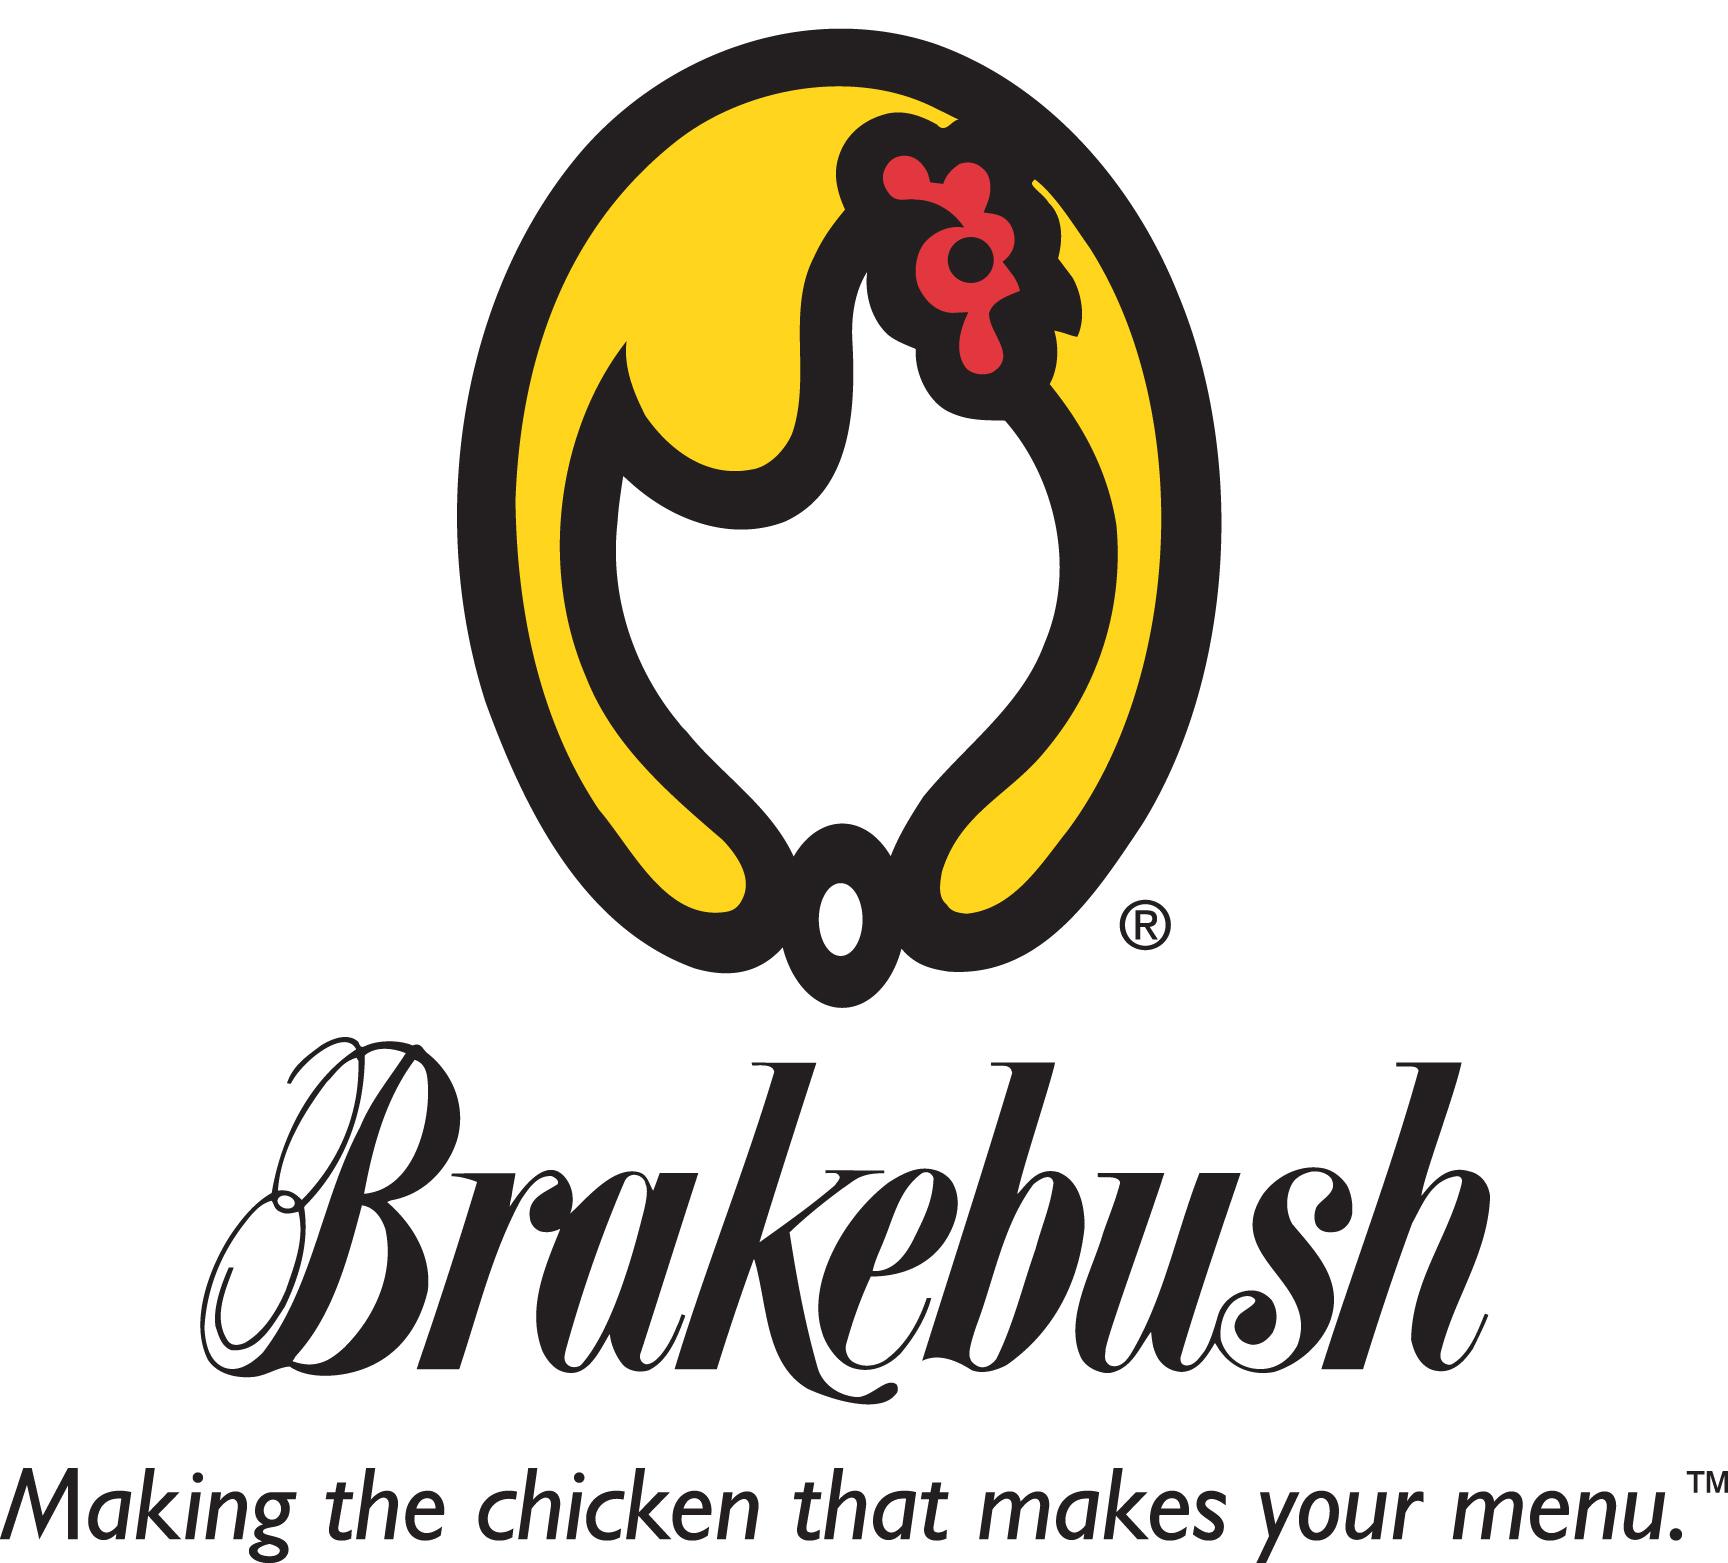 Brakebush Brothers